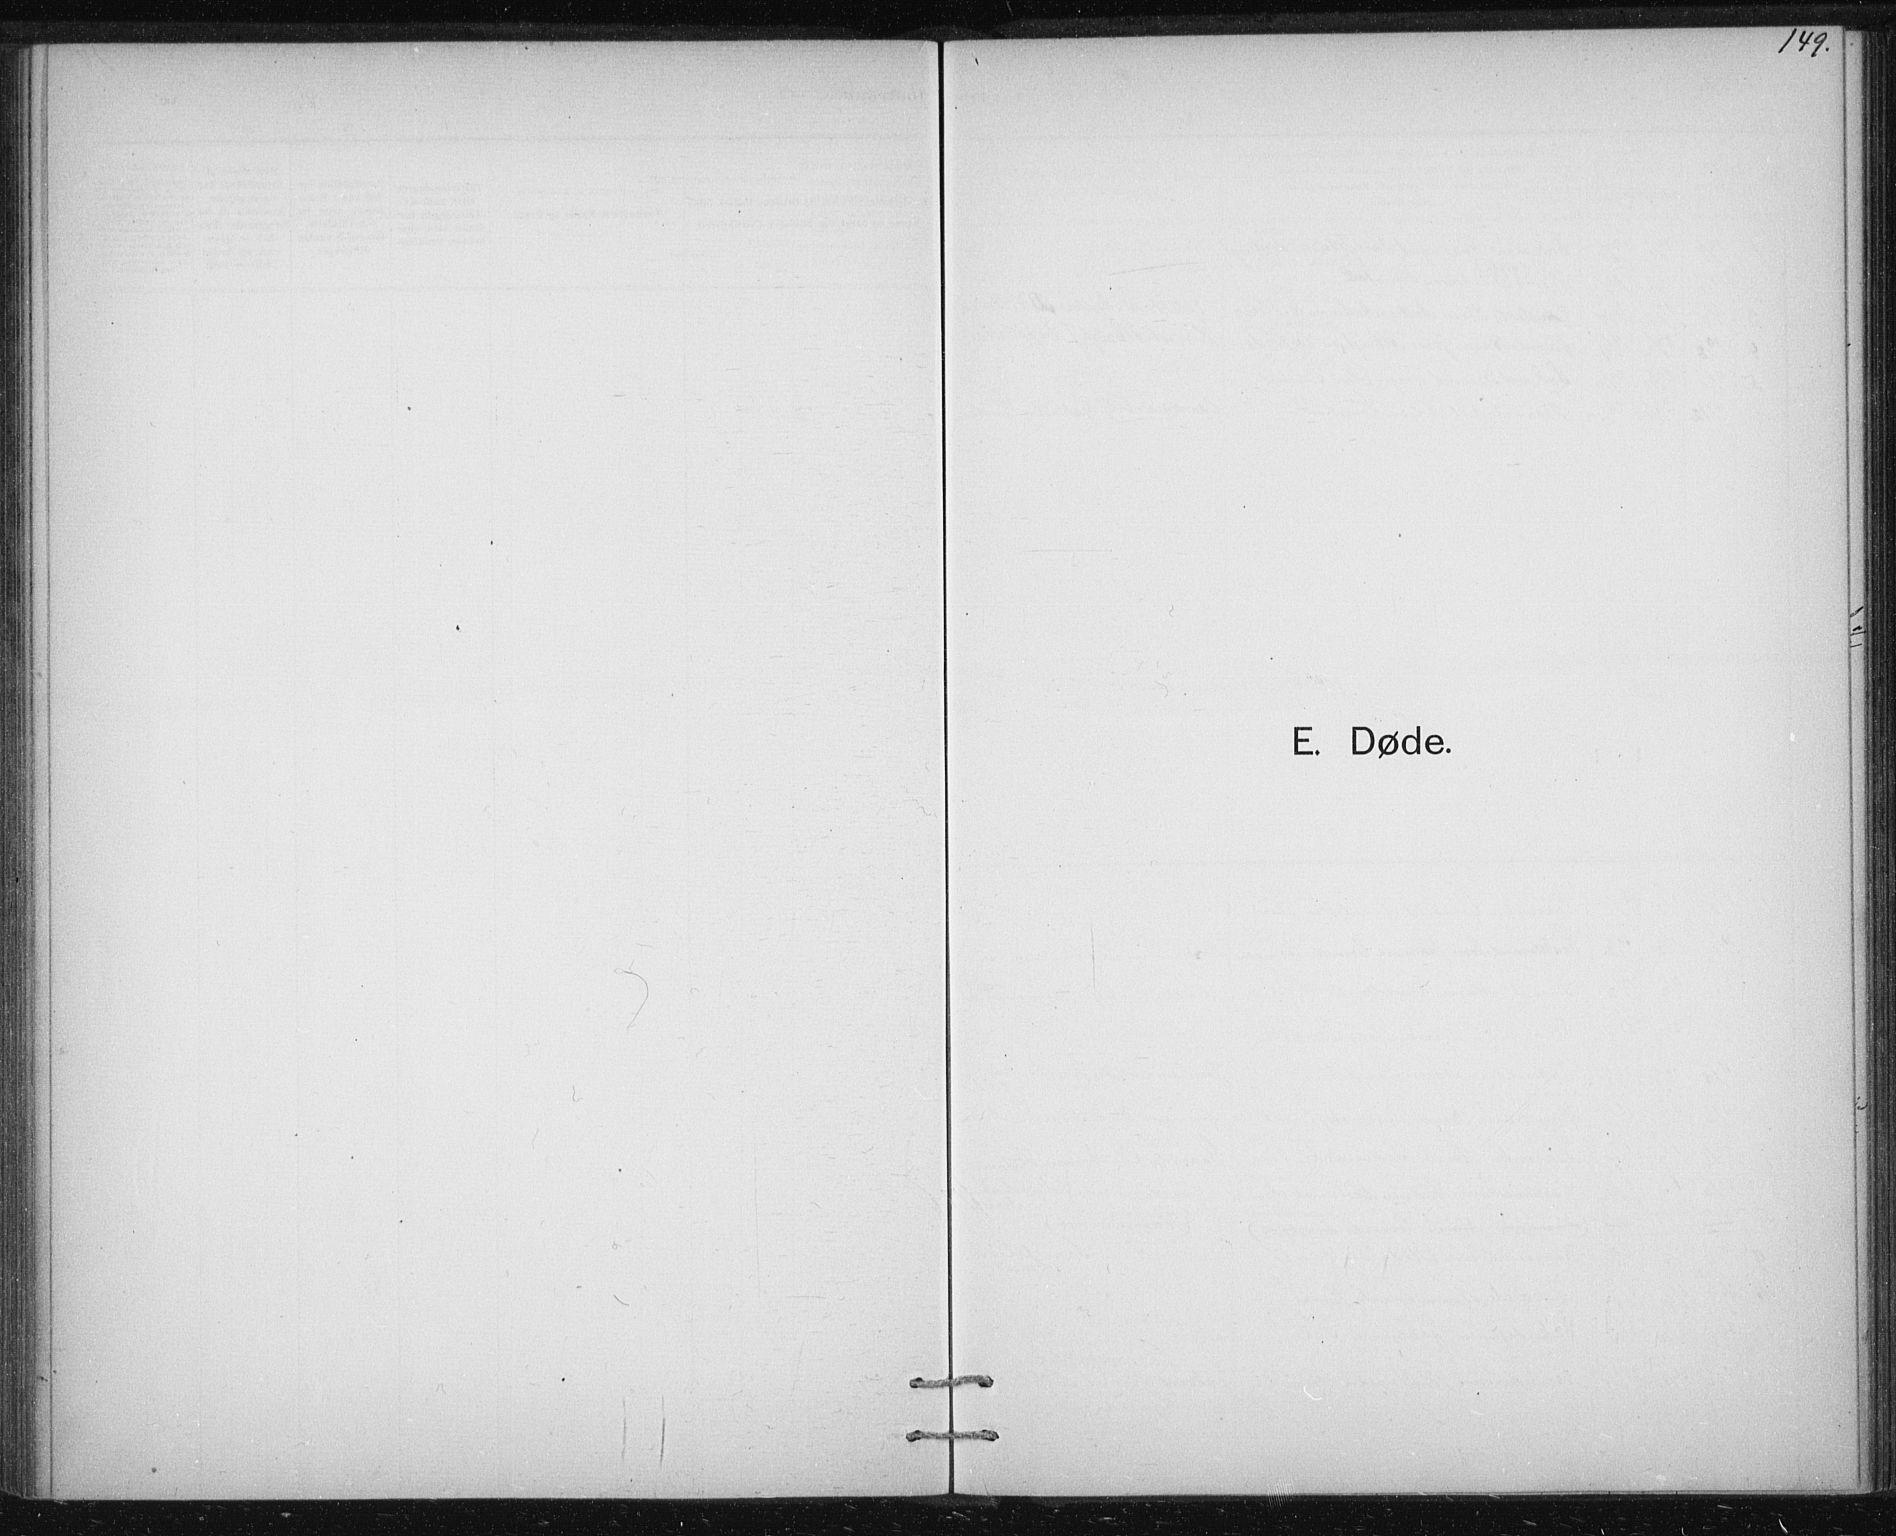 SAT, Ministerialprotokoller, klokkerbøker og fødselsregistre - Sør-Trøndelag, 613/L0392: Ministerialbok nr. 613A01, 1887-1906, s. 149